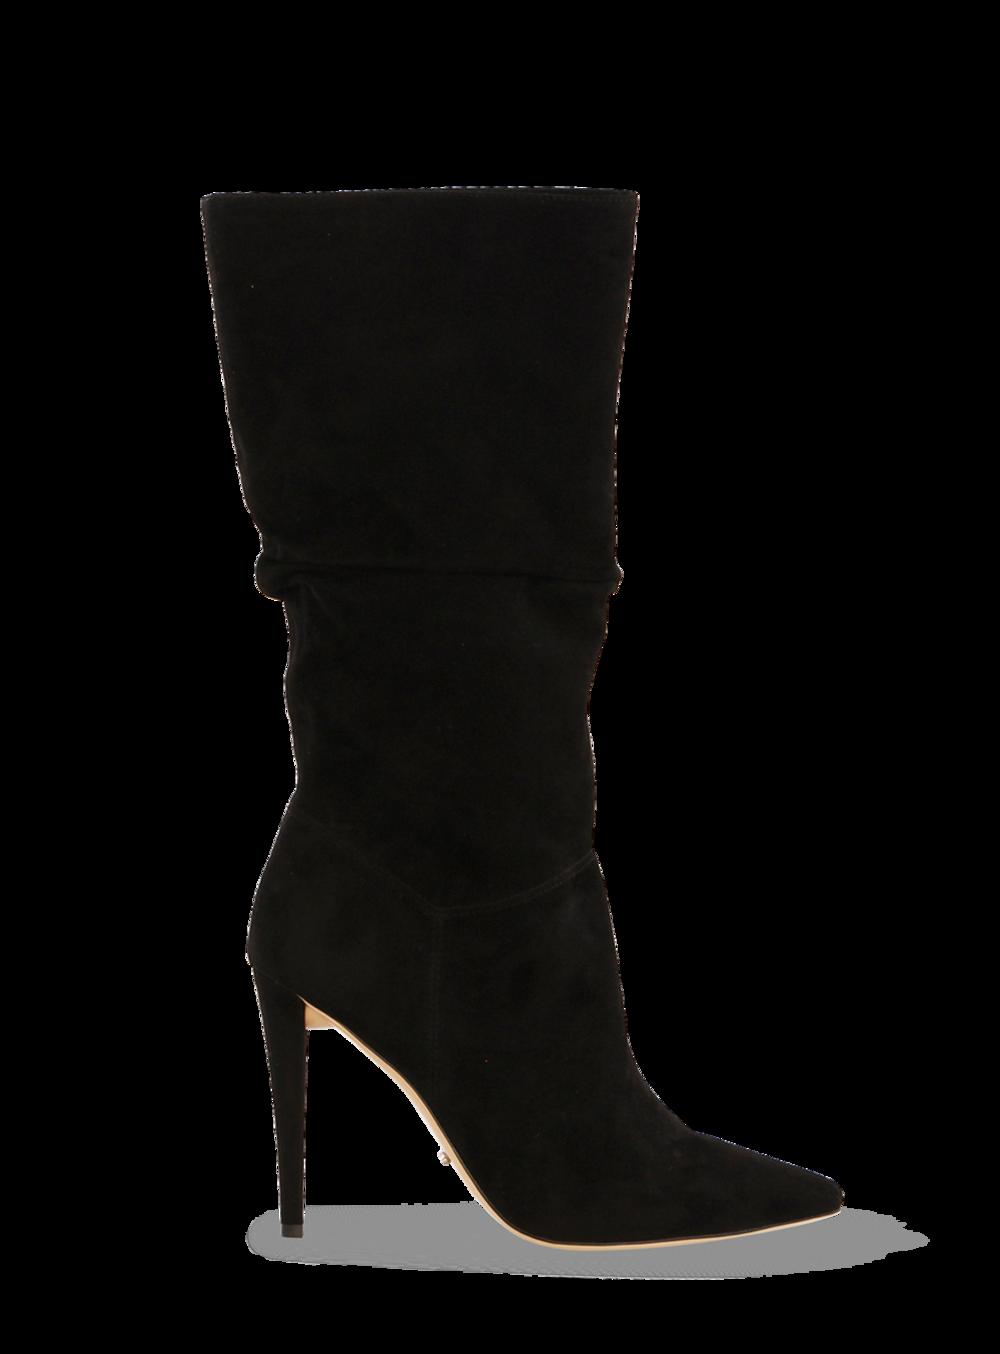 best site for heels